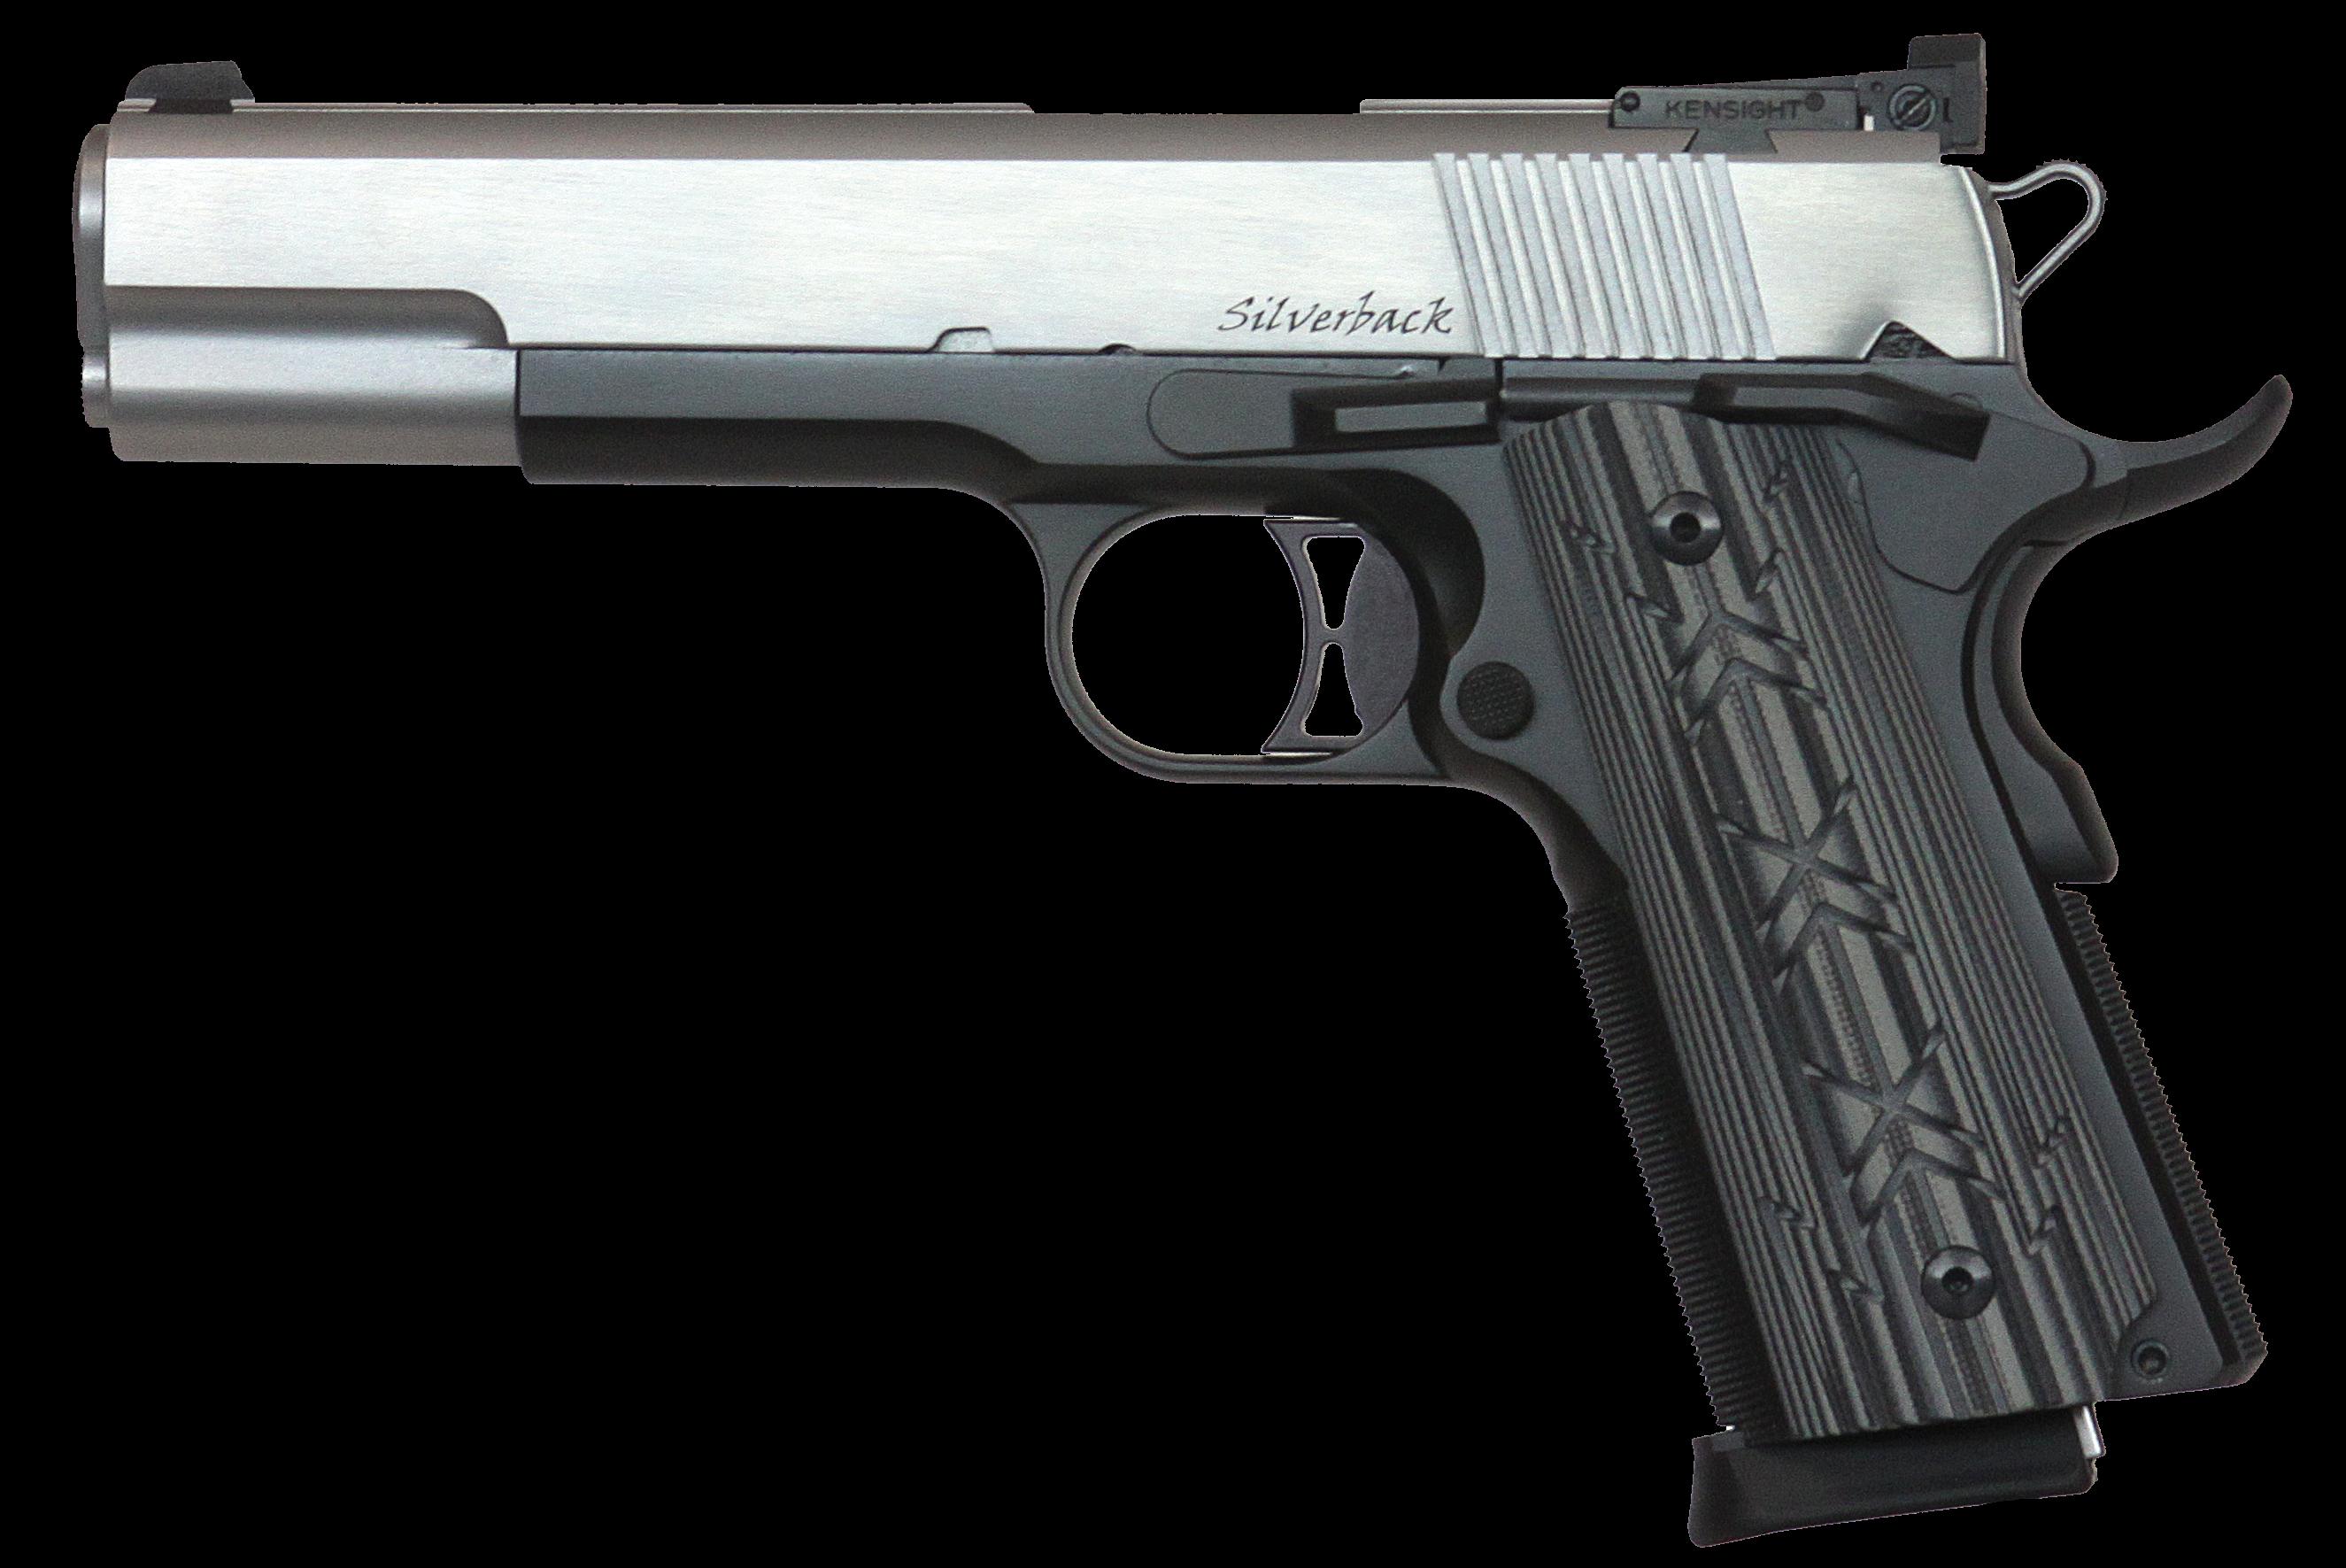 Dan Wesson Silverback 1911 .45 ACP & 10mm